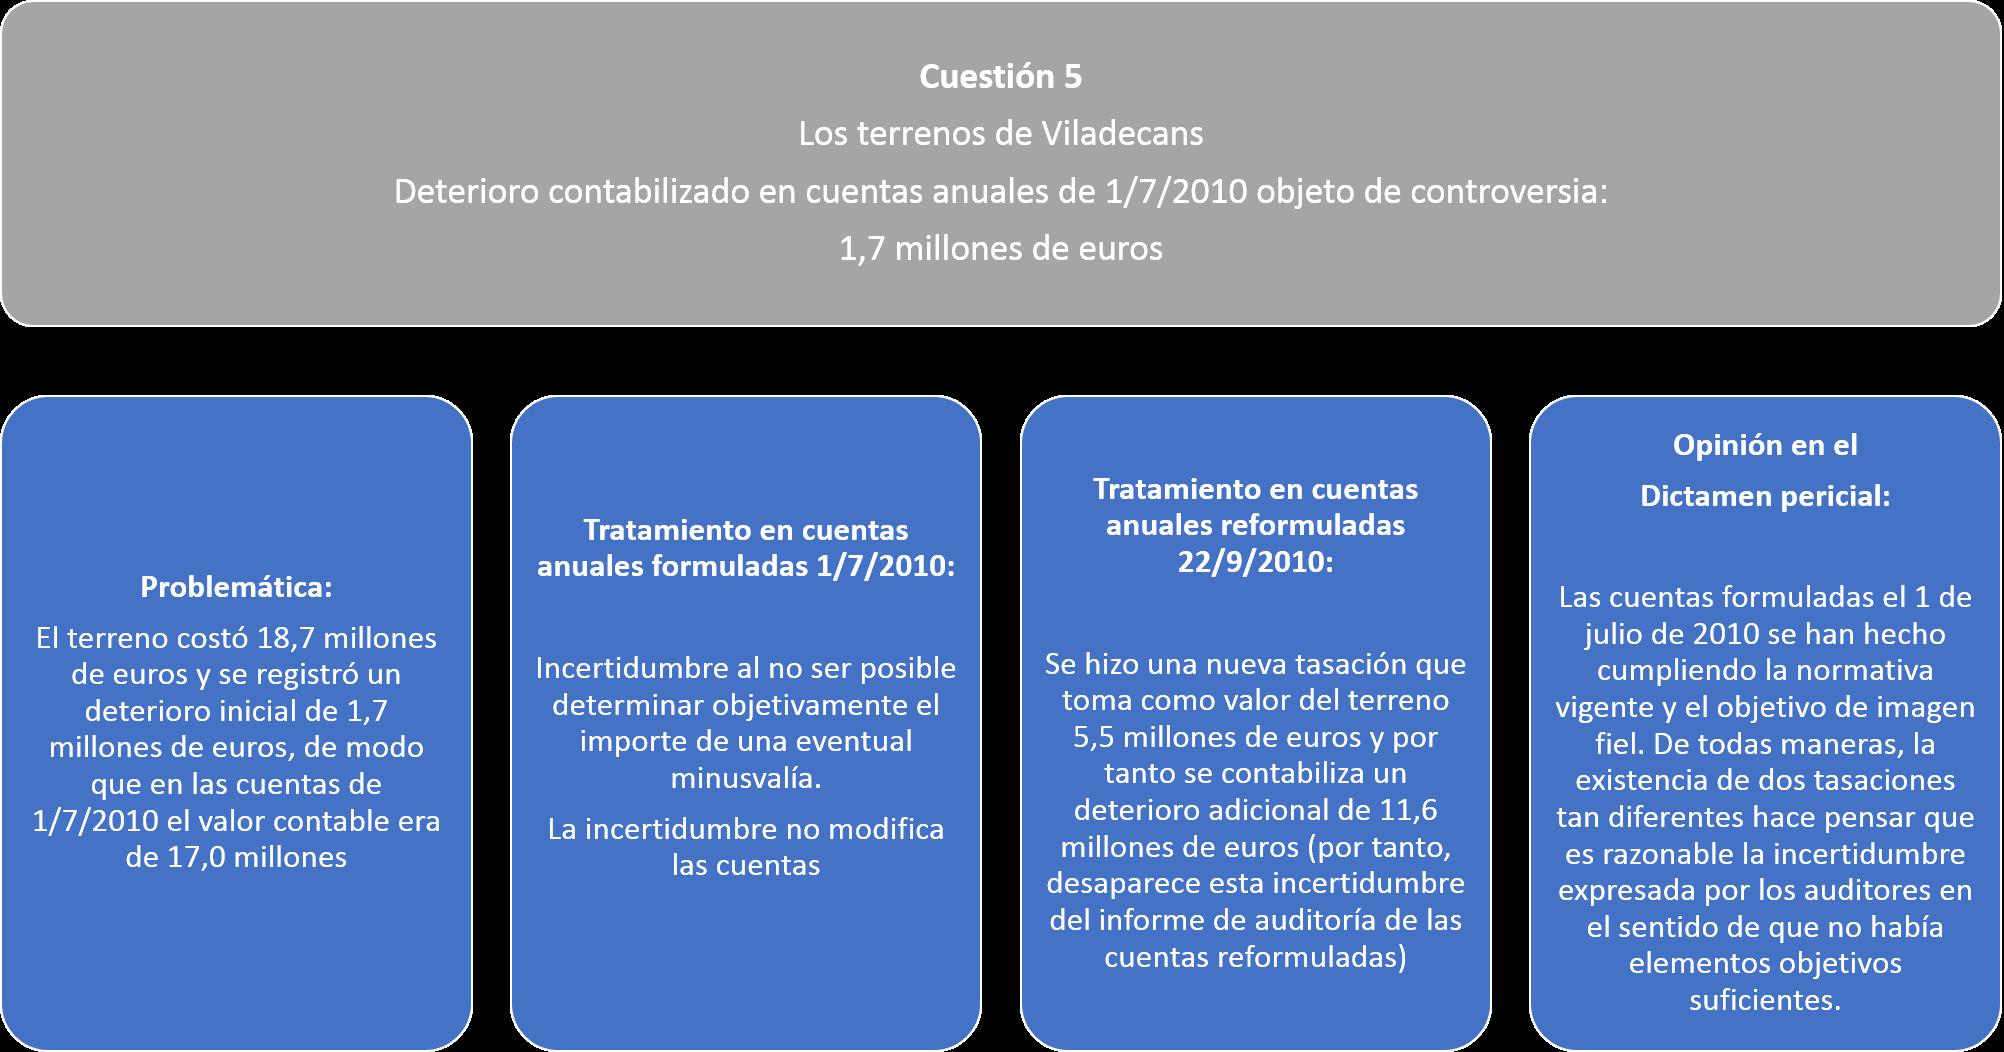 Cuestión 5